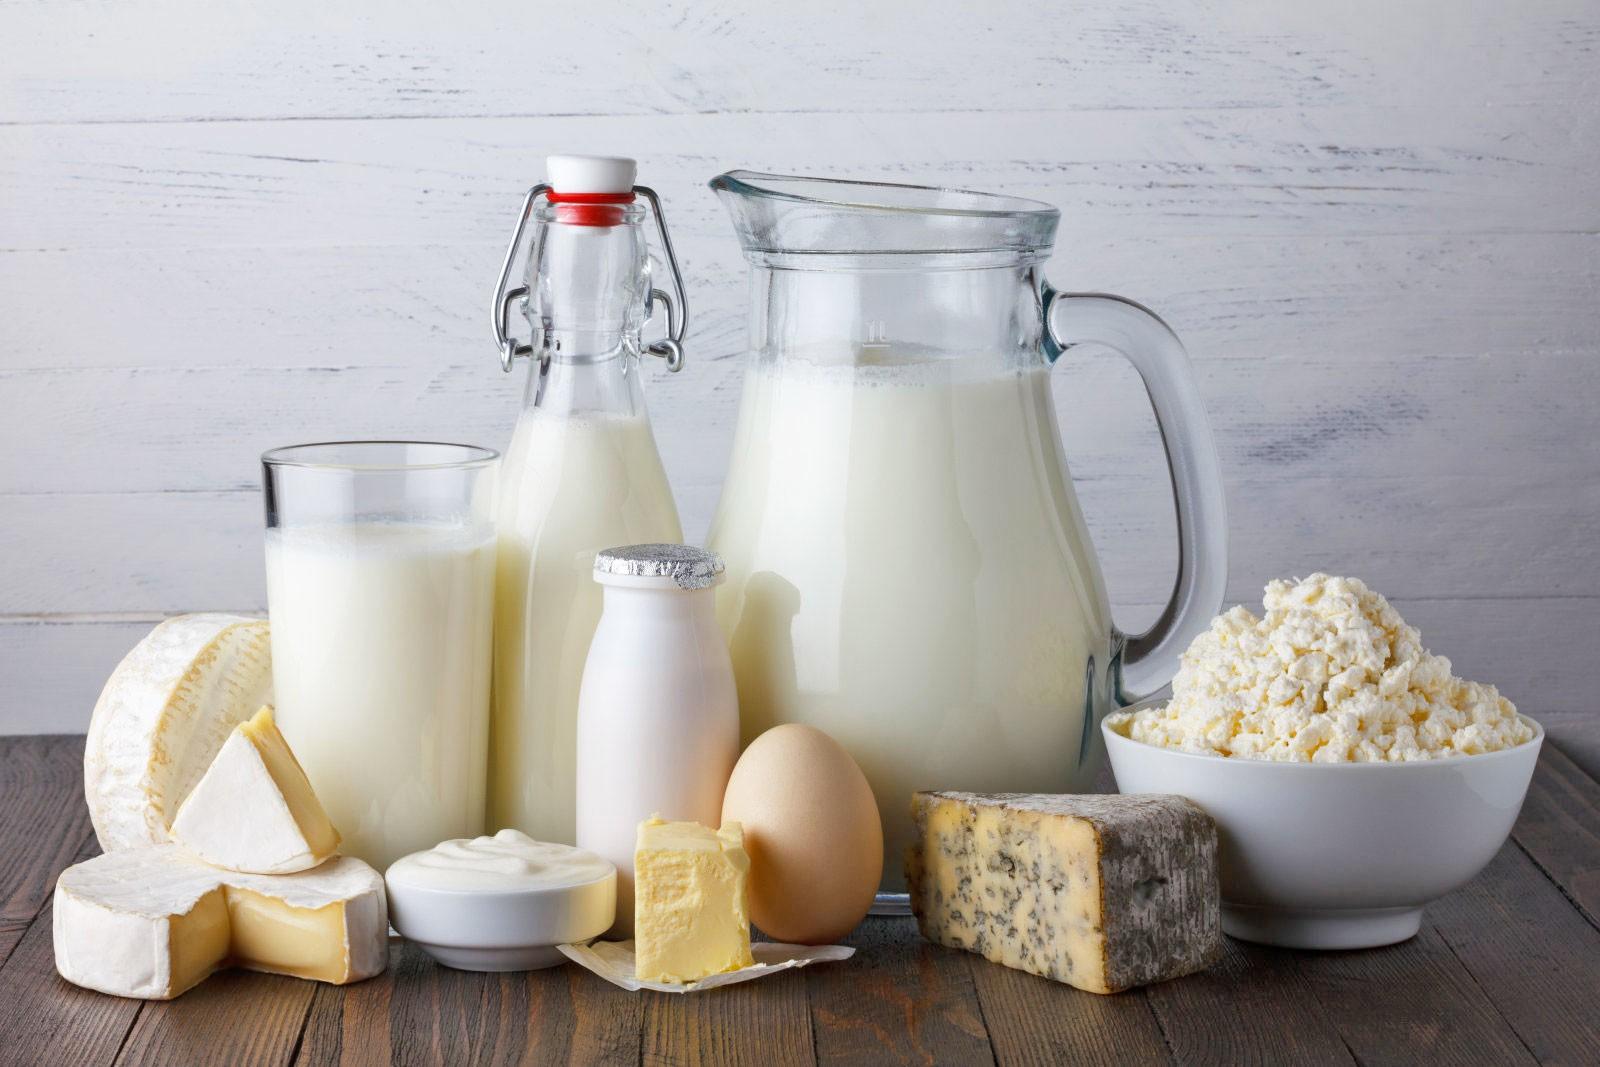 Tóc mỏng yếu sẽ dày khỏe nhanh chóng nếu bạn chăm ăn 7 loại thực phẩm này - Ảnh 3.